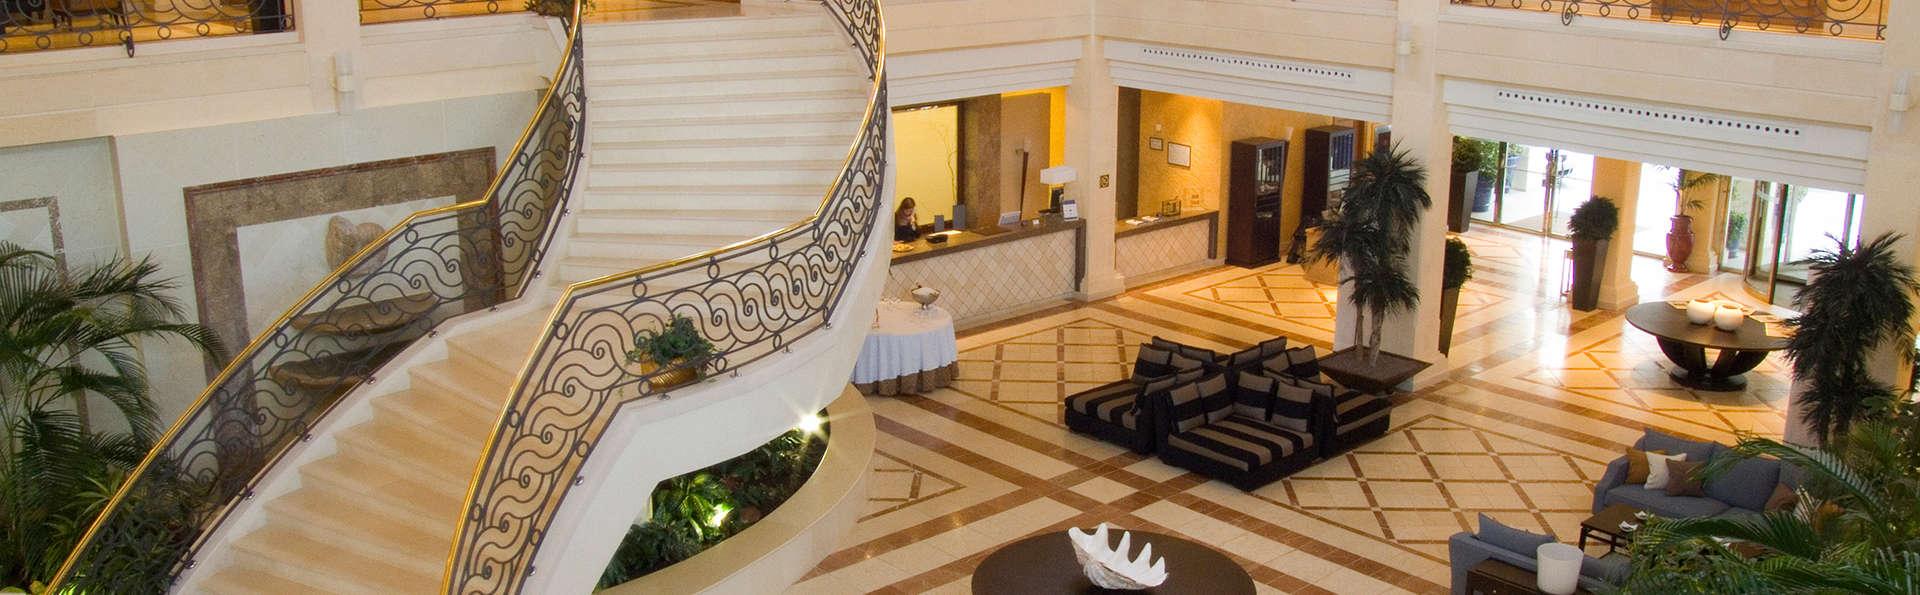 Escapada exclusiva con desayuno en hotel de lujo 5* en Almería